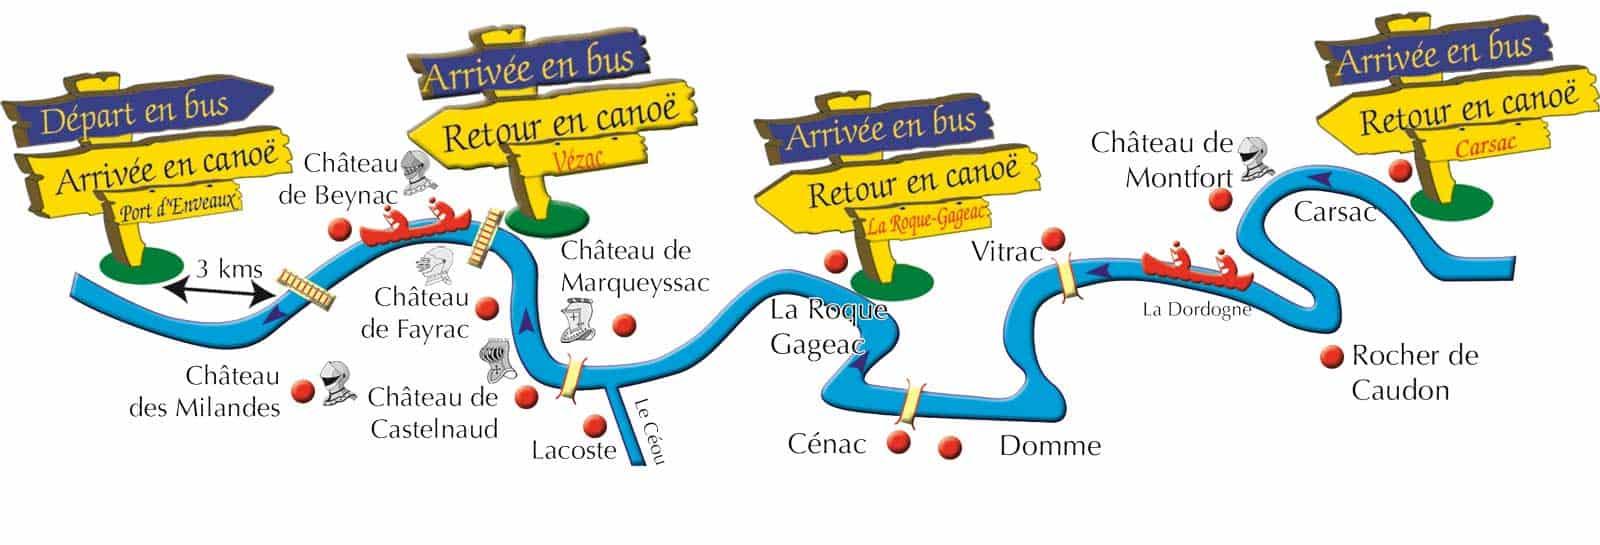 Canoe Dordogne itinerary